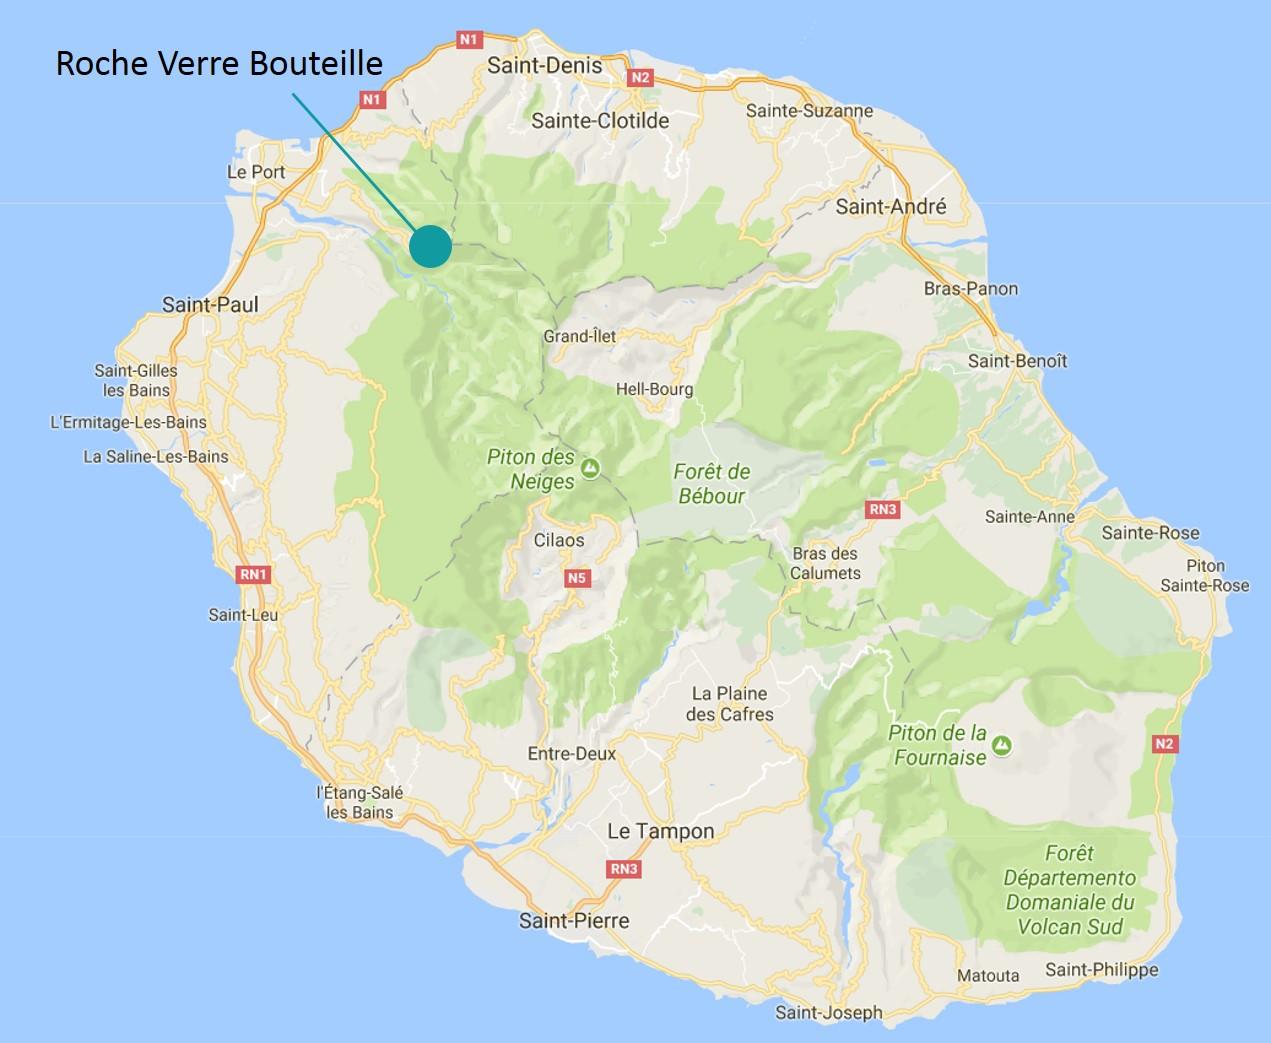 Randonnée Roche Verre Bouteille à Dos d'Ane